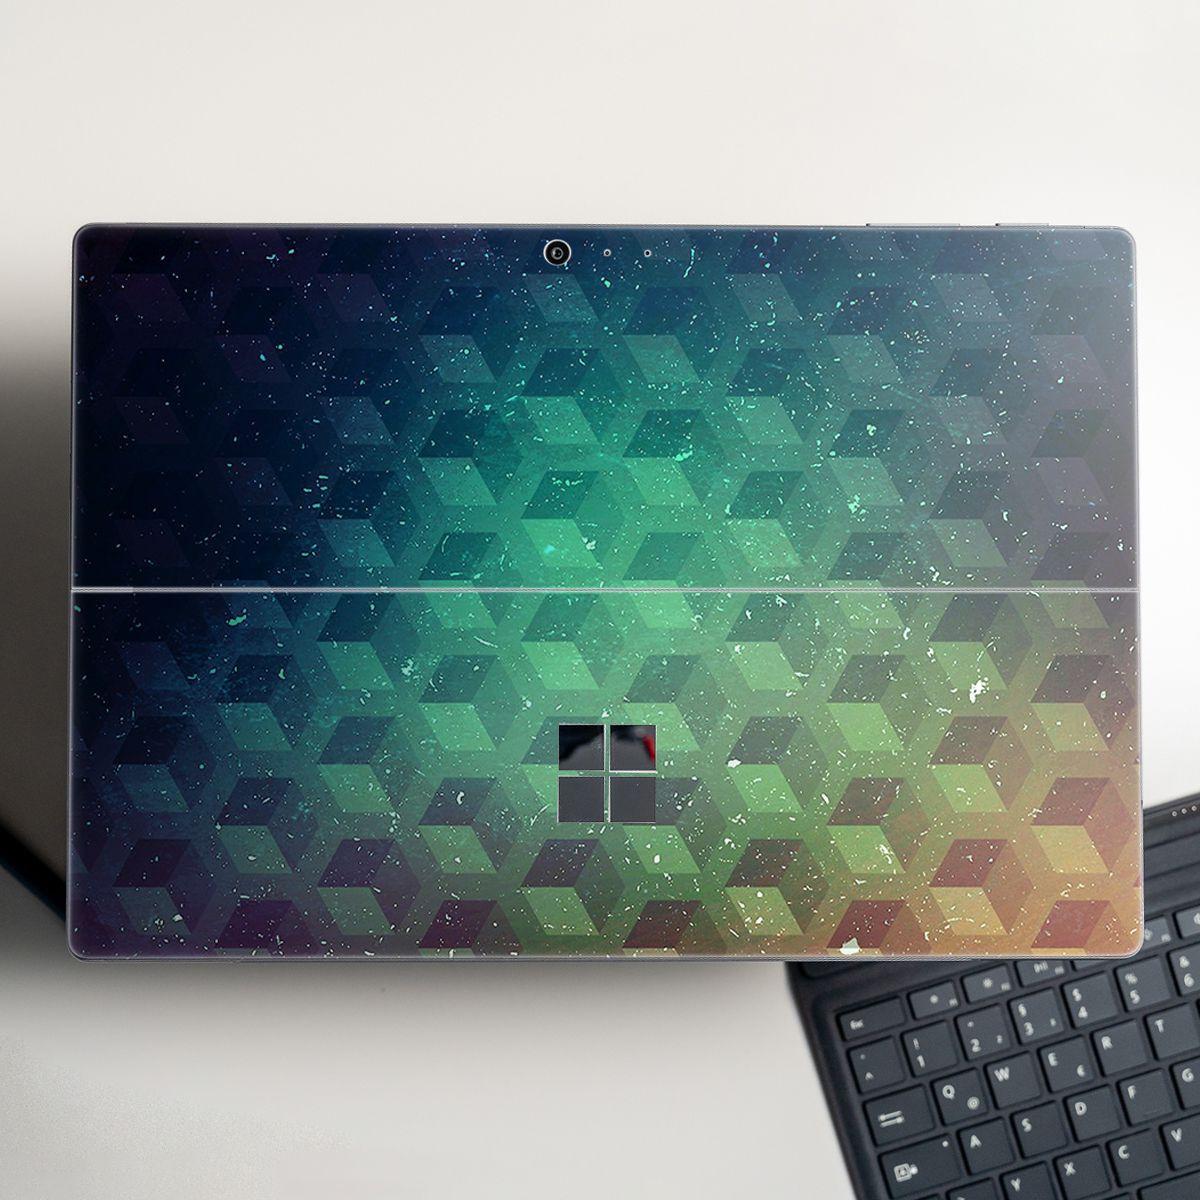 Skin dán hình không gian x24 cho Surface Go, Pro 2, Pro 3, Pro 4, Pro 5, Pro 6, Pro 7, Pro X